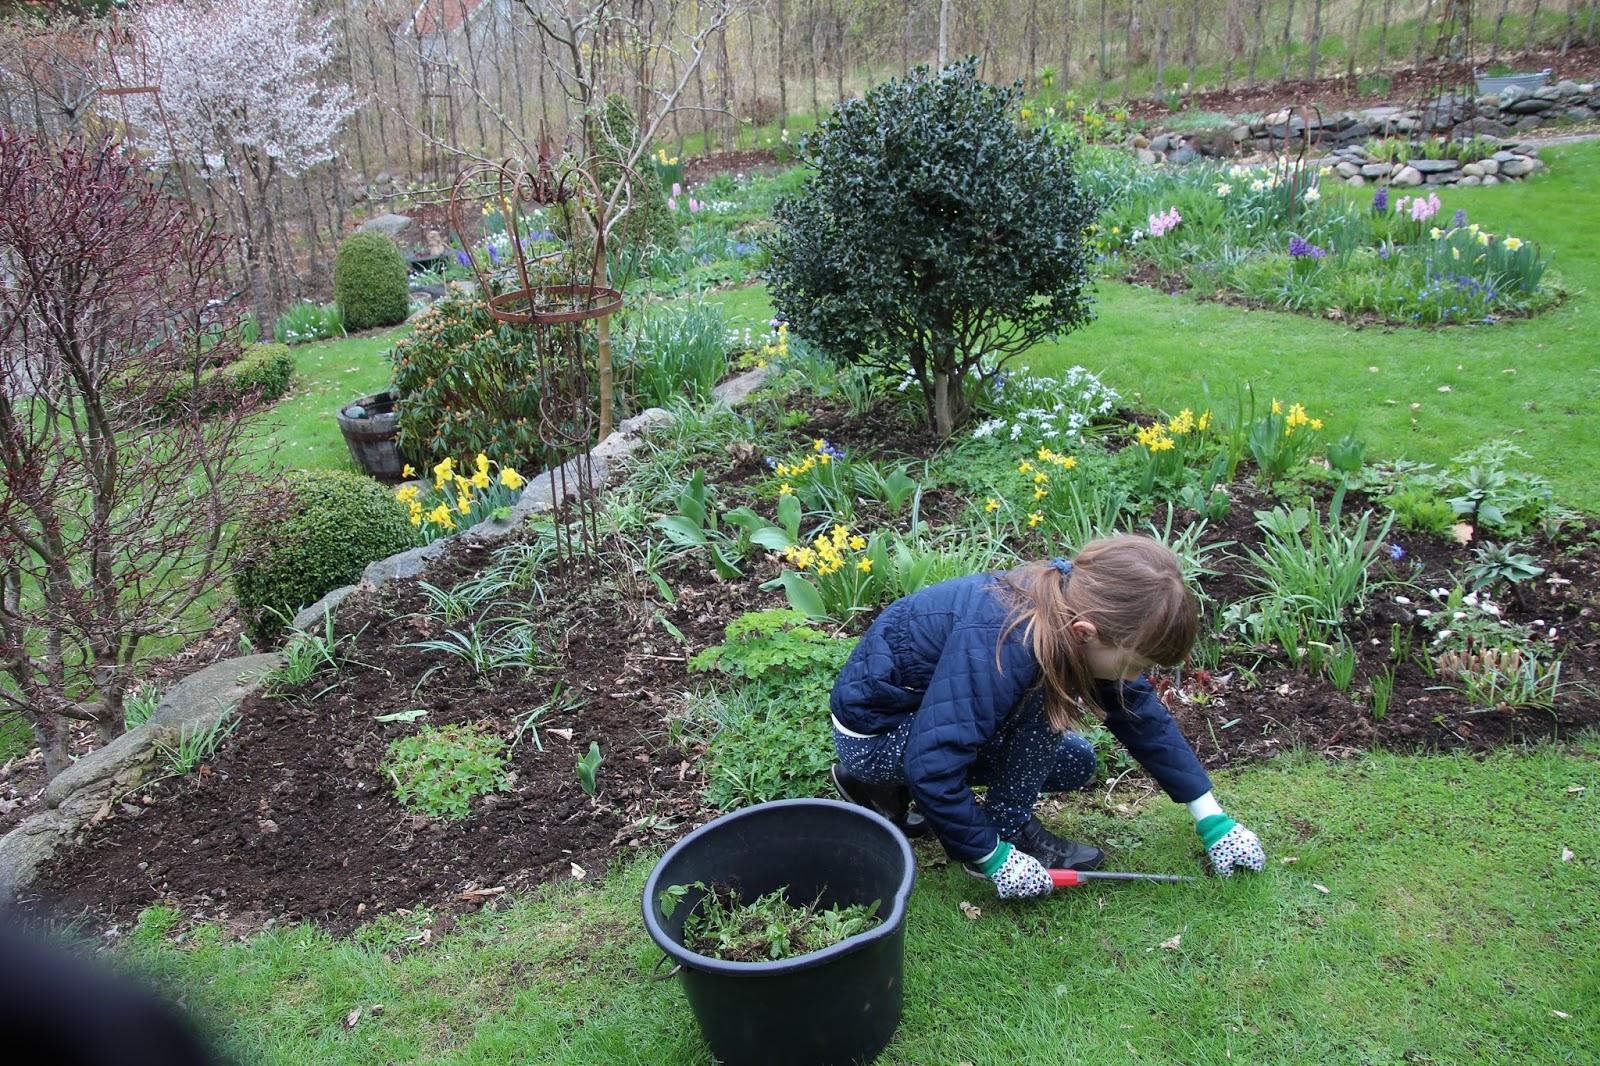 bekämpa maskrosor i trädgården